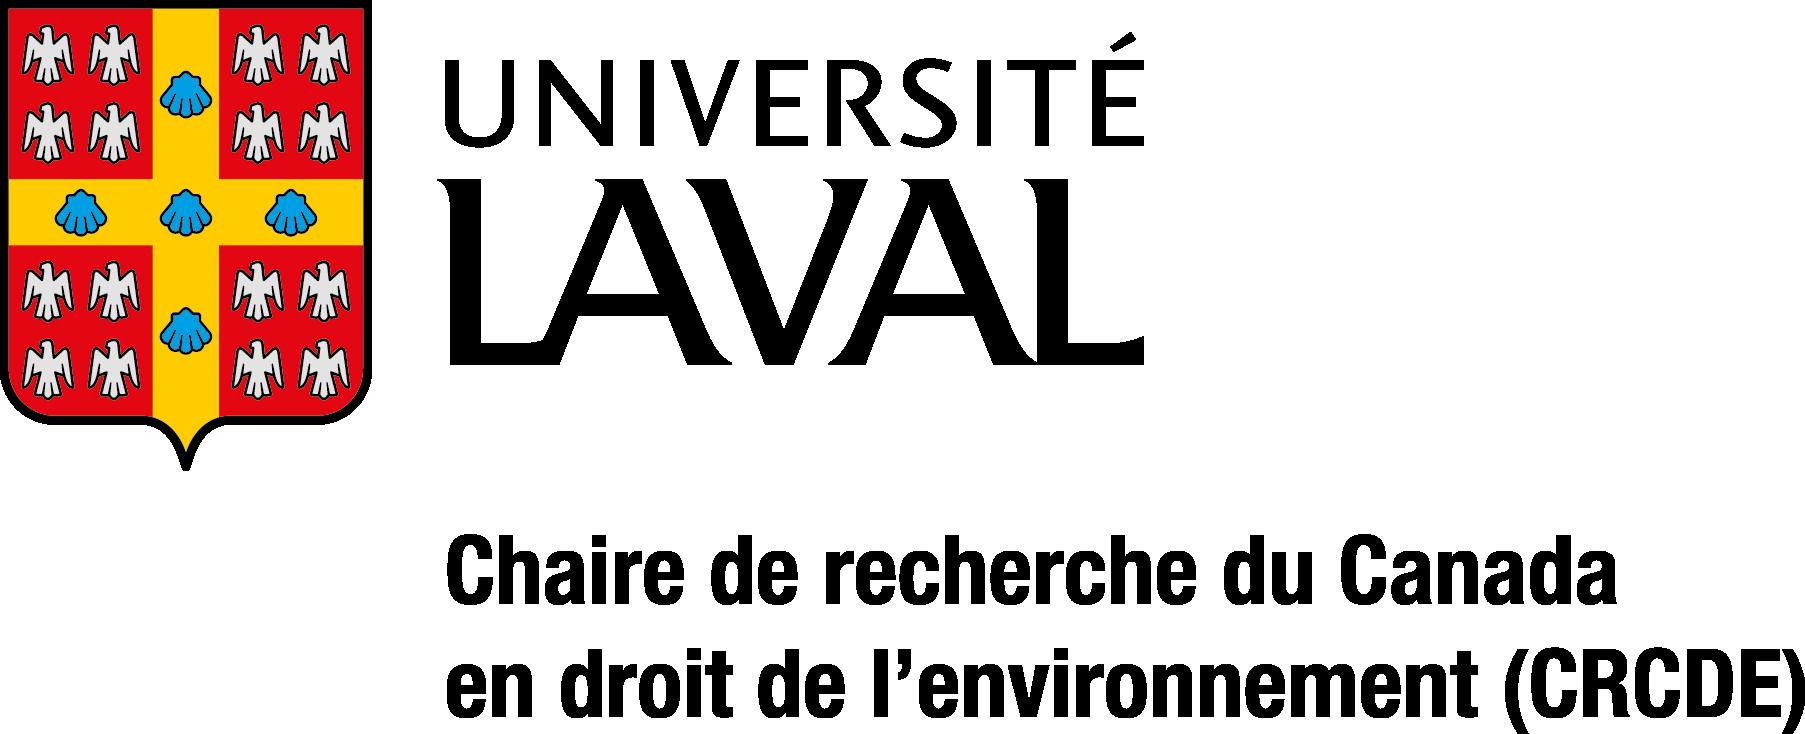 logo officiel de la CRCDE 2